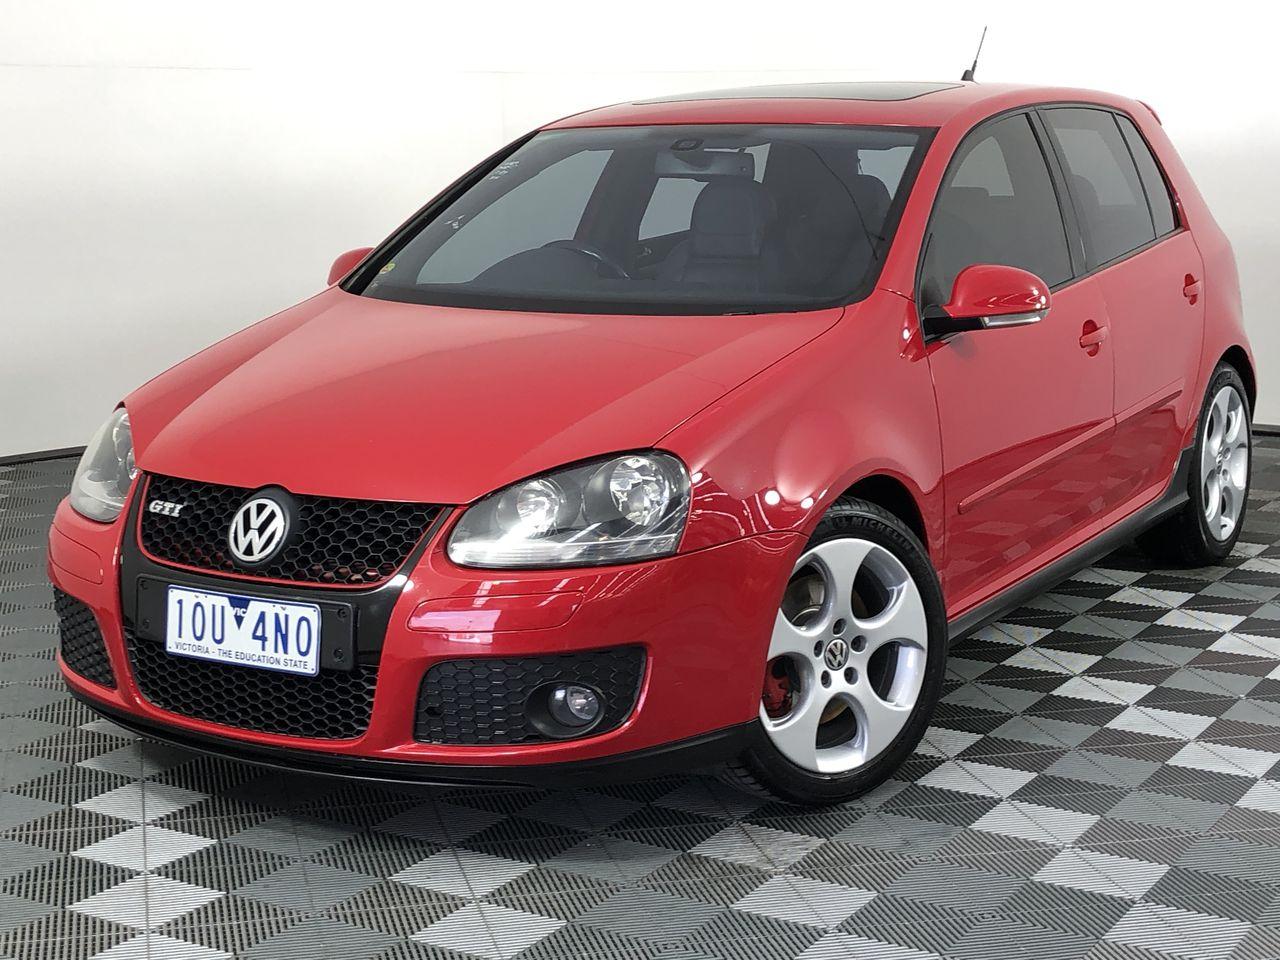 2008 Volkswagen Golf Gti 1k Automatic Hatchback Auction